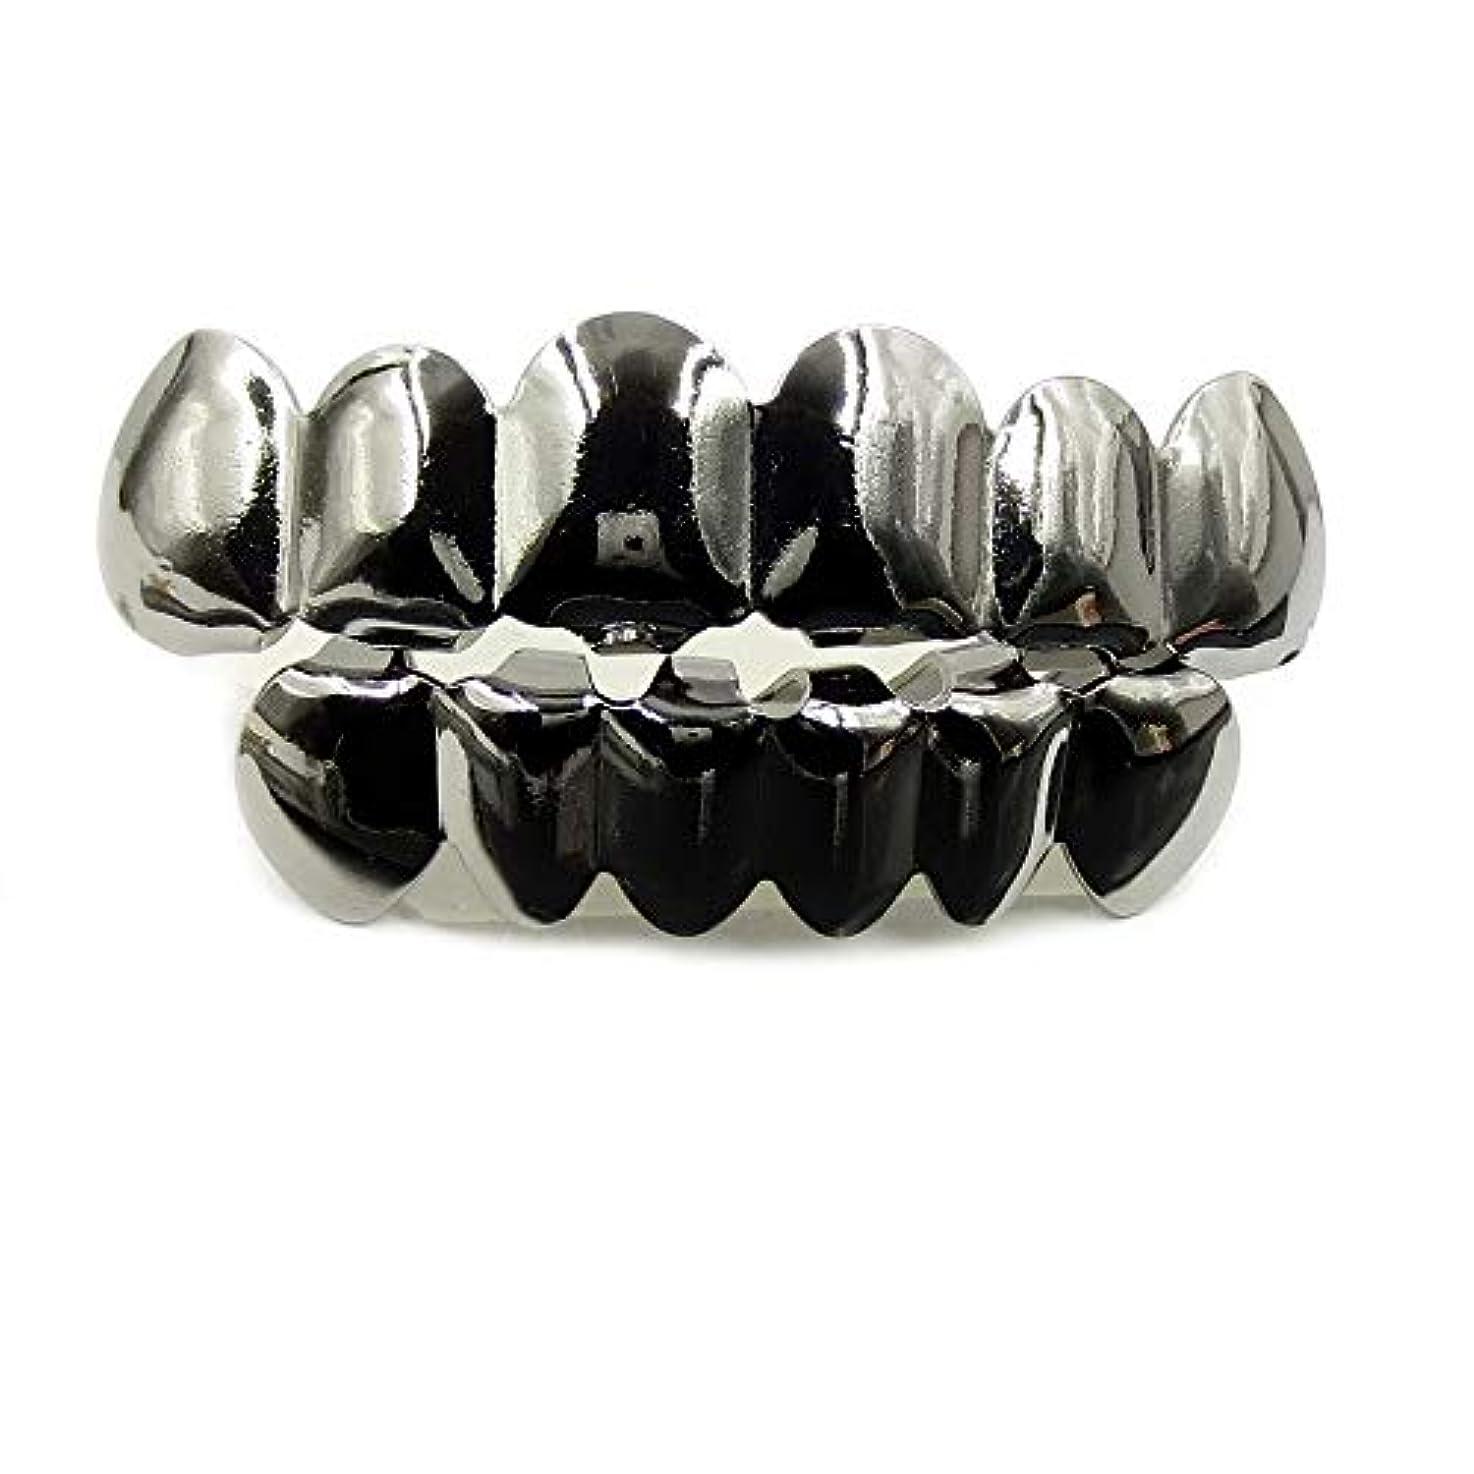 航海ファンド環境に優しいヨーロッパ系アメリカ人INS最もホットなヒップホップの歯キャップ、ゴールド&ブラック&シルバー歯ブレースゴールドプレート口の歯 (Color : Black)